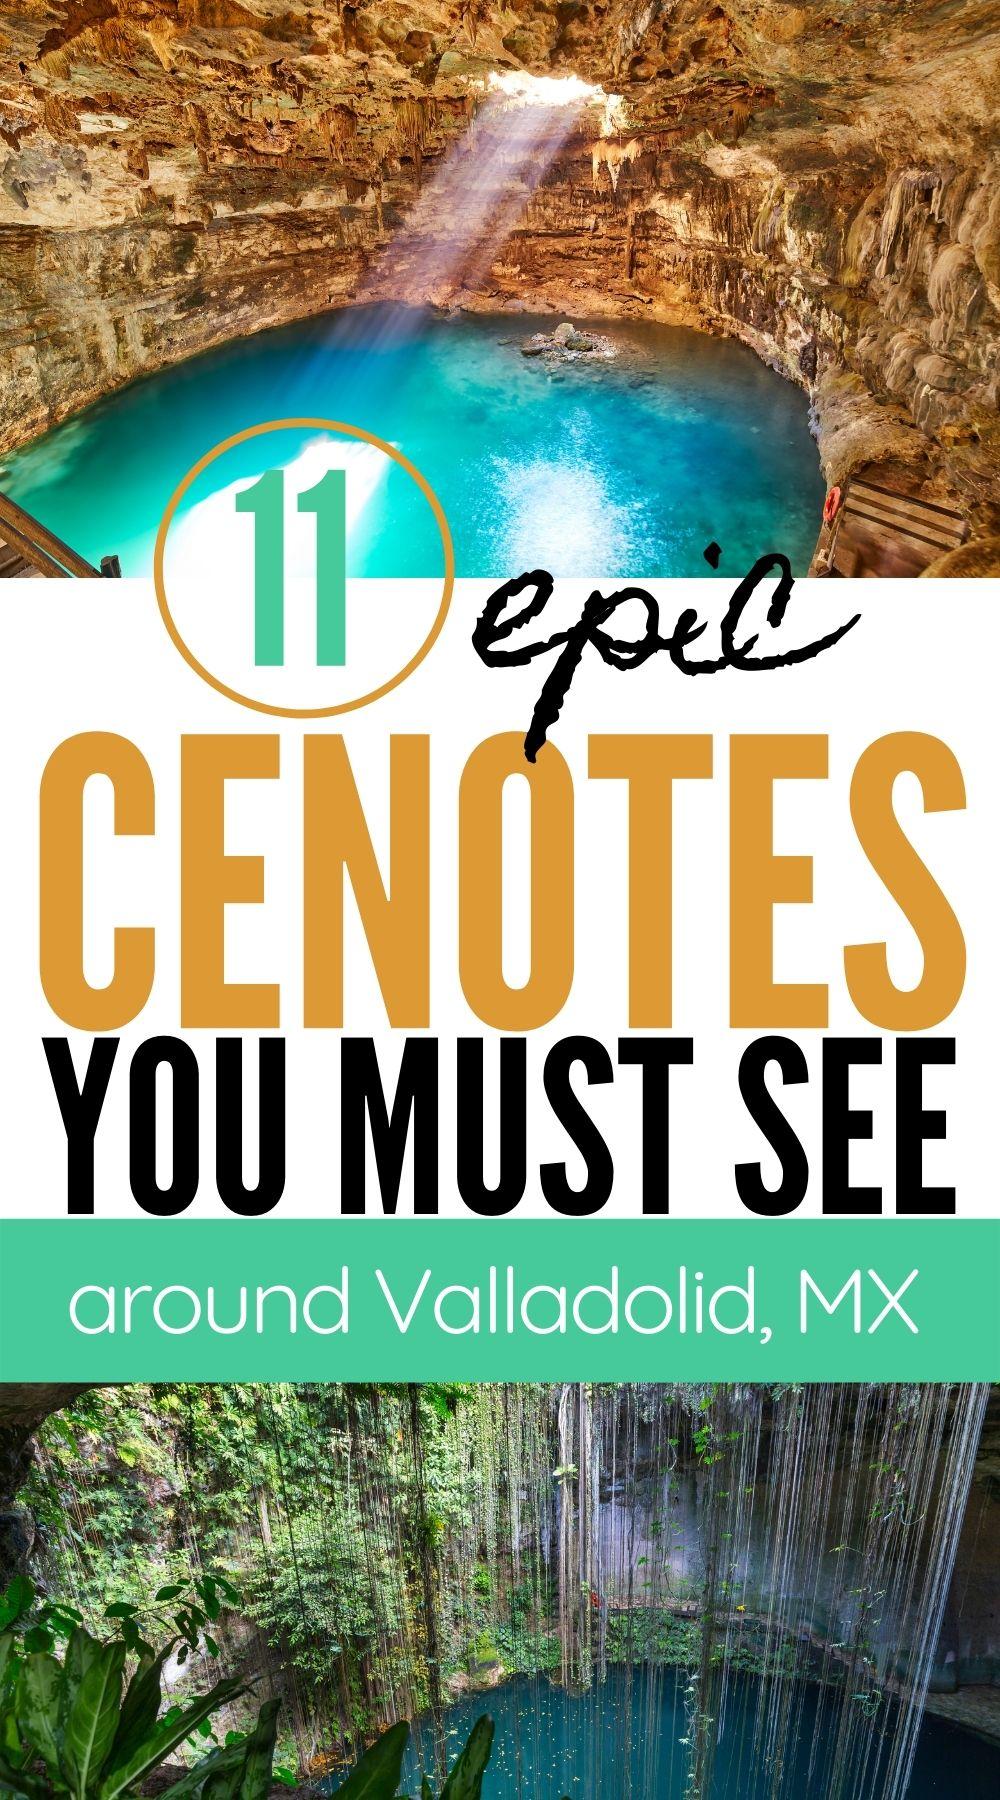 Cenotes in Valladolid, Mexico